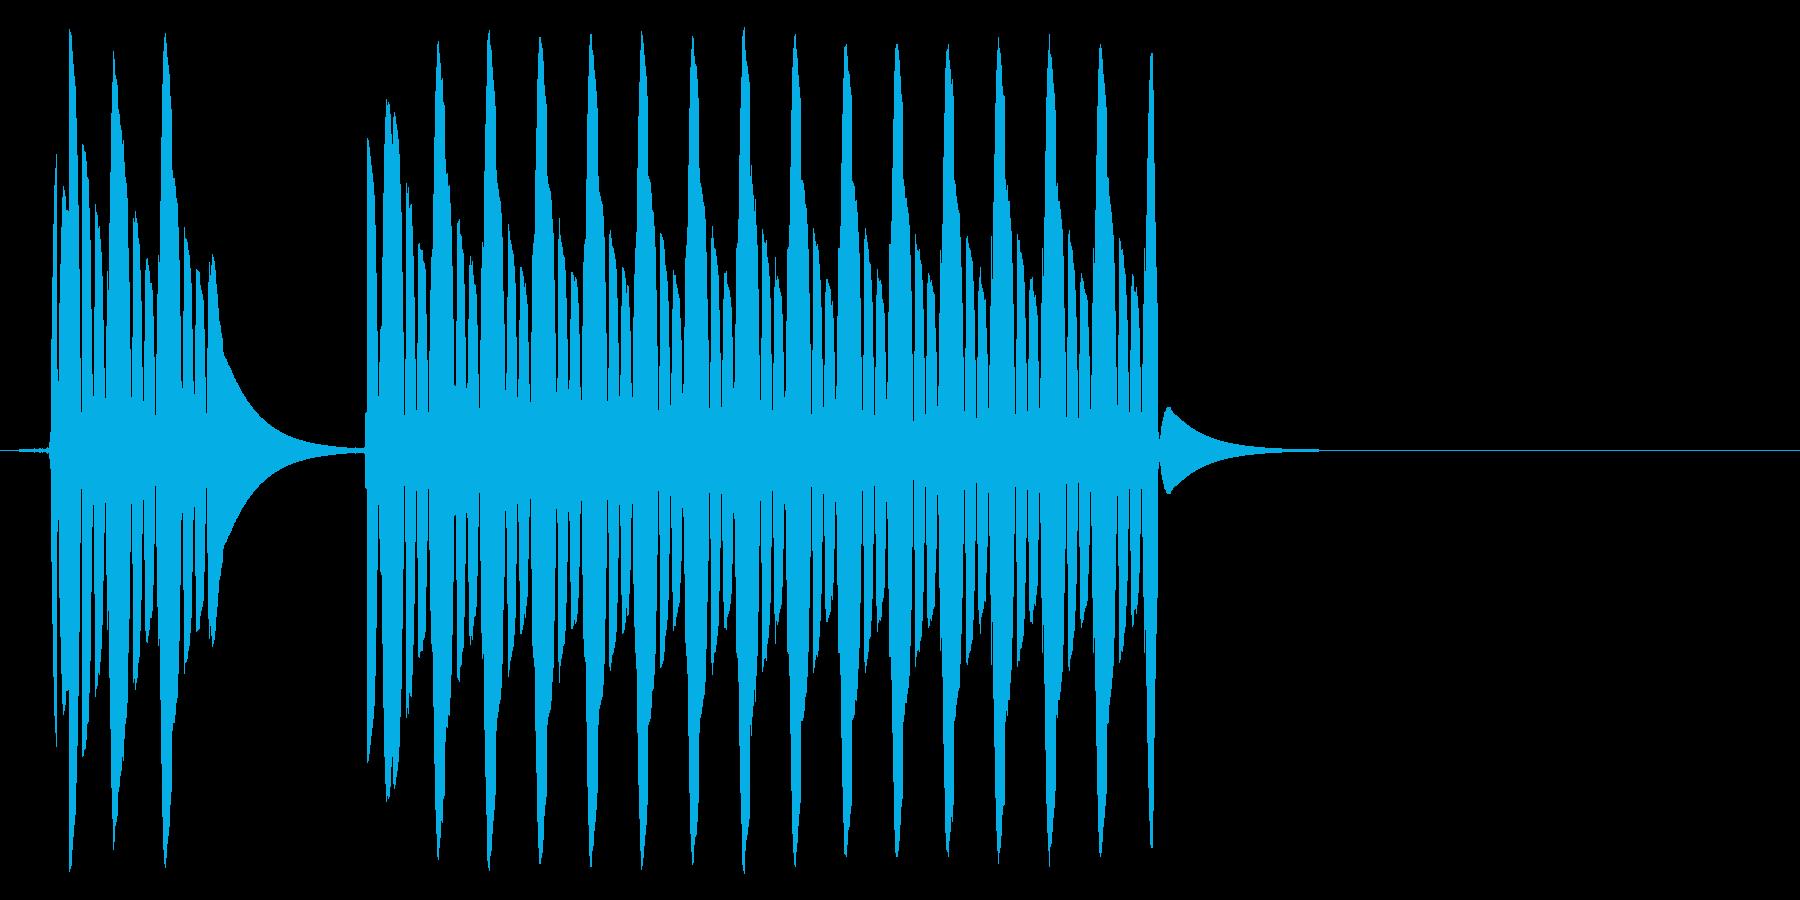 【効果音】クイズ系_はずれ01の再生済みの波形